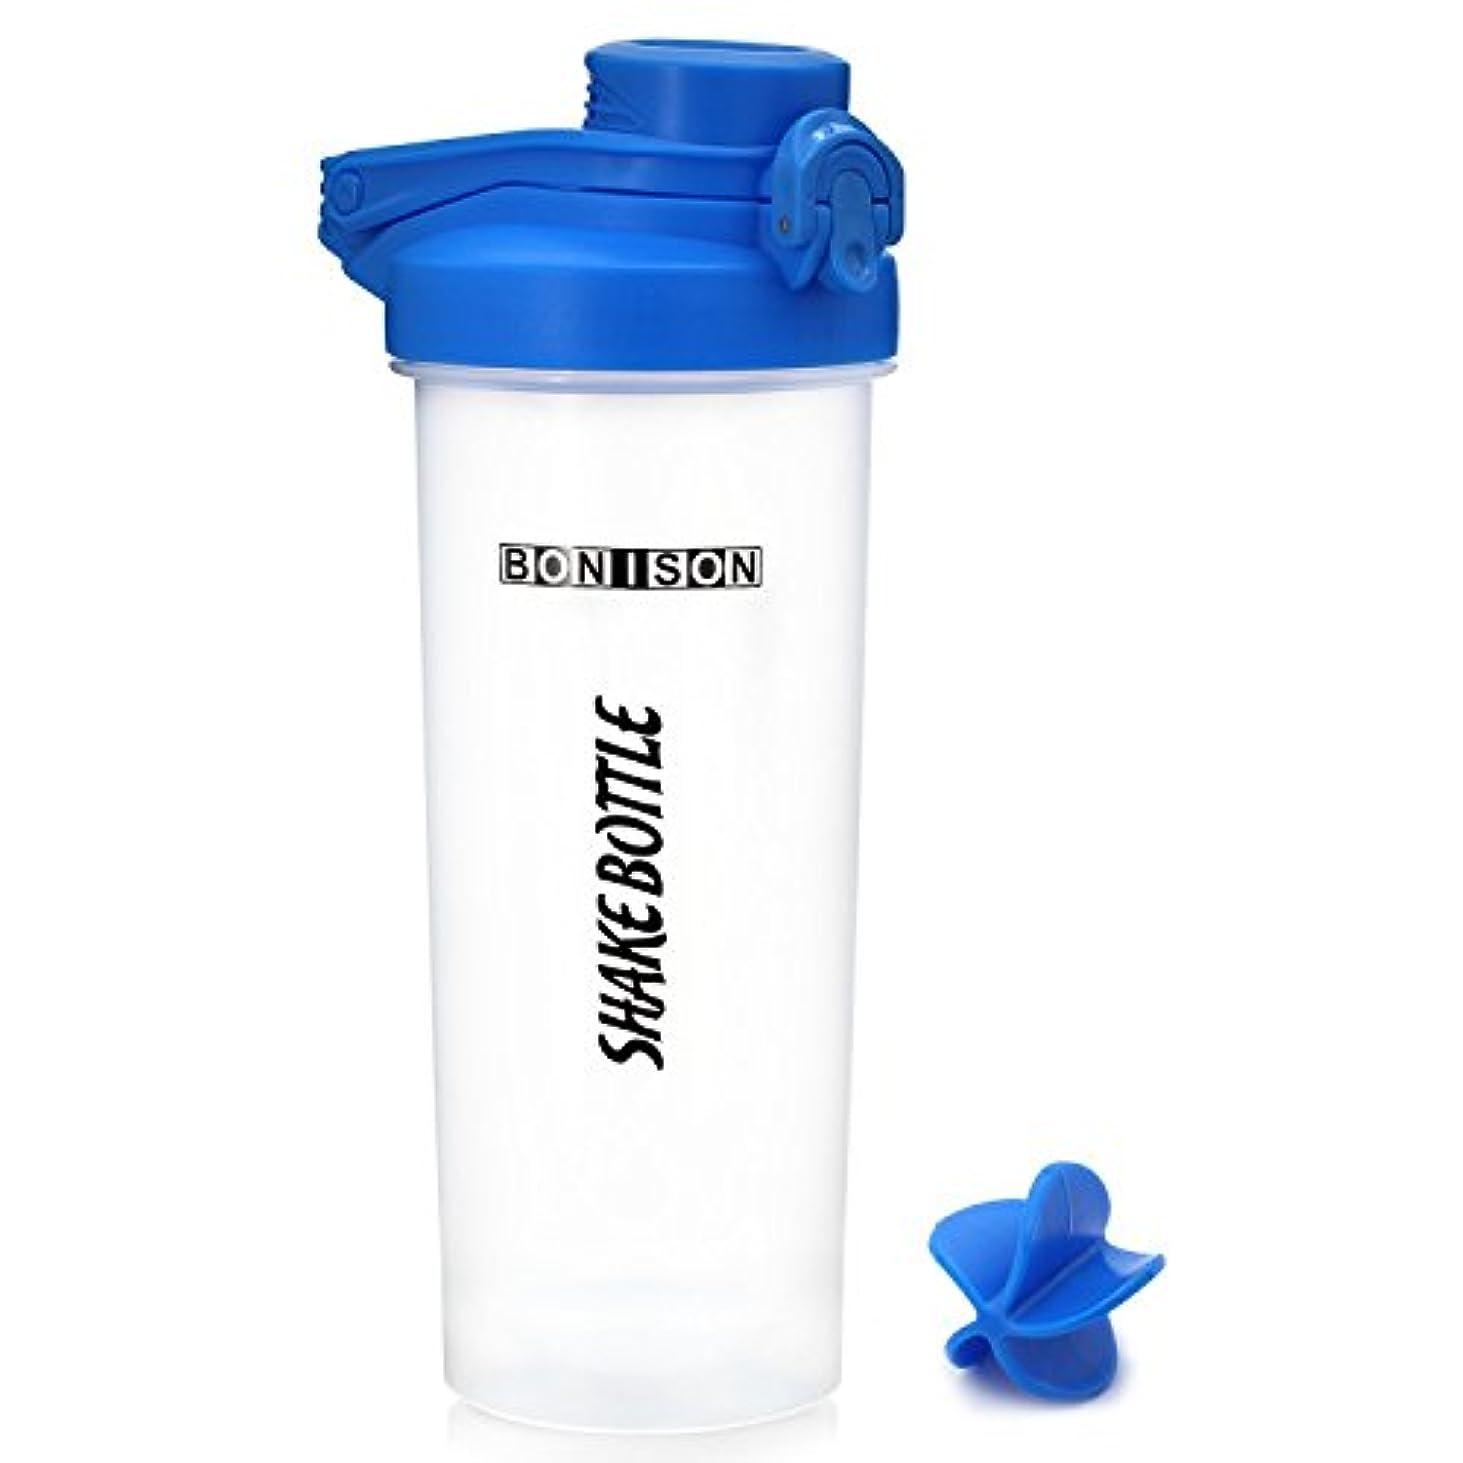 主権者病な大きい最新24オンスツイストキャップShakeボトルBPAフタル酸とプラスチックMixer ProteinスムージーShakesパウダーMix Shaker Bottle with Hanldle COMIN18JU084934